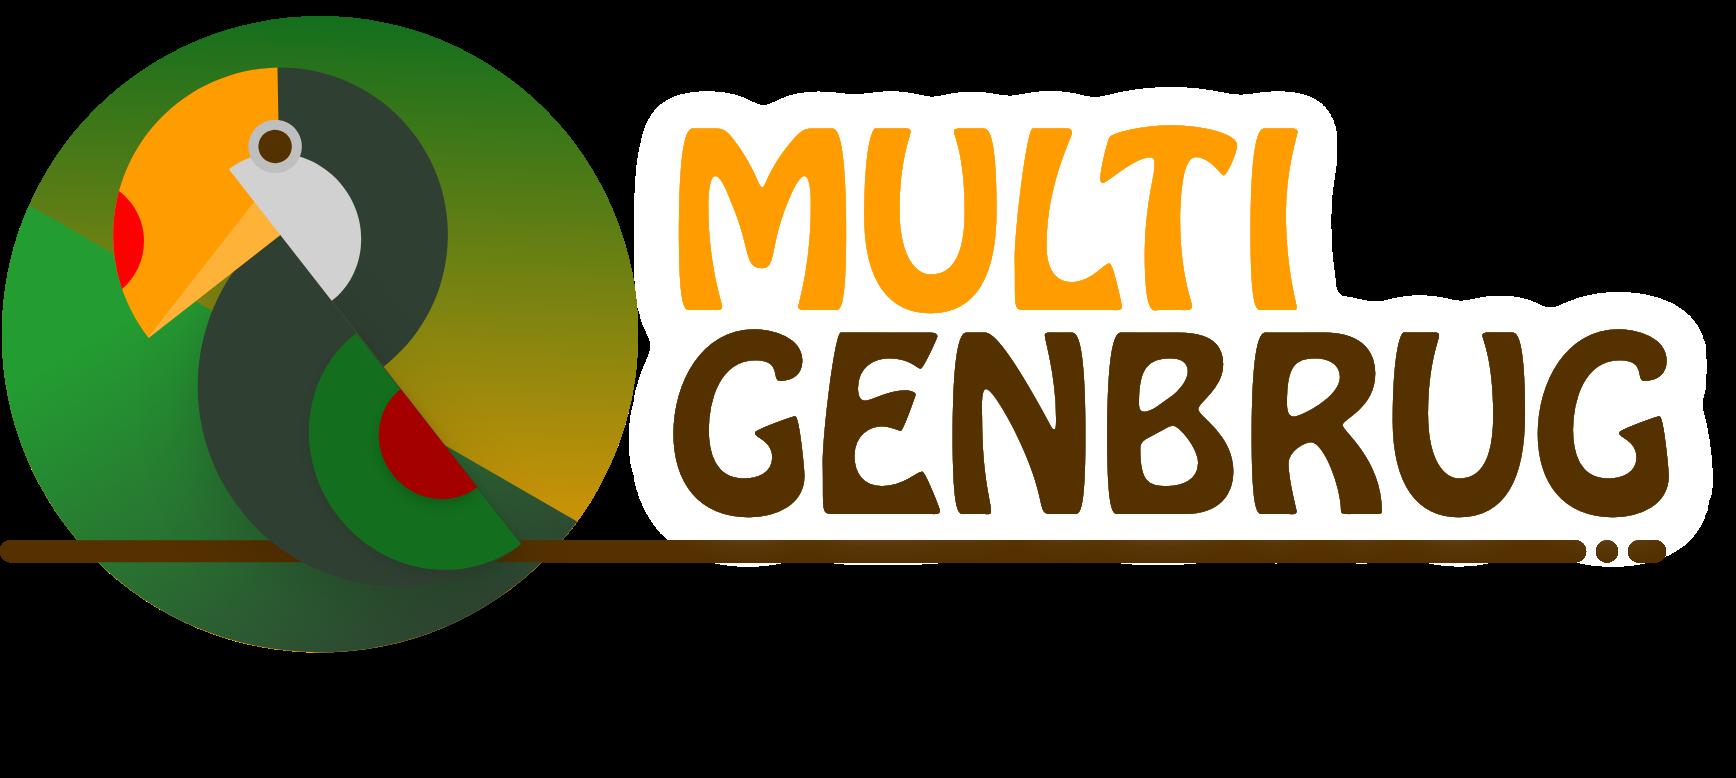 Multigenbrug